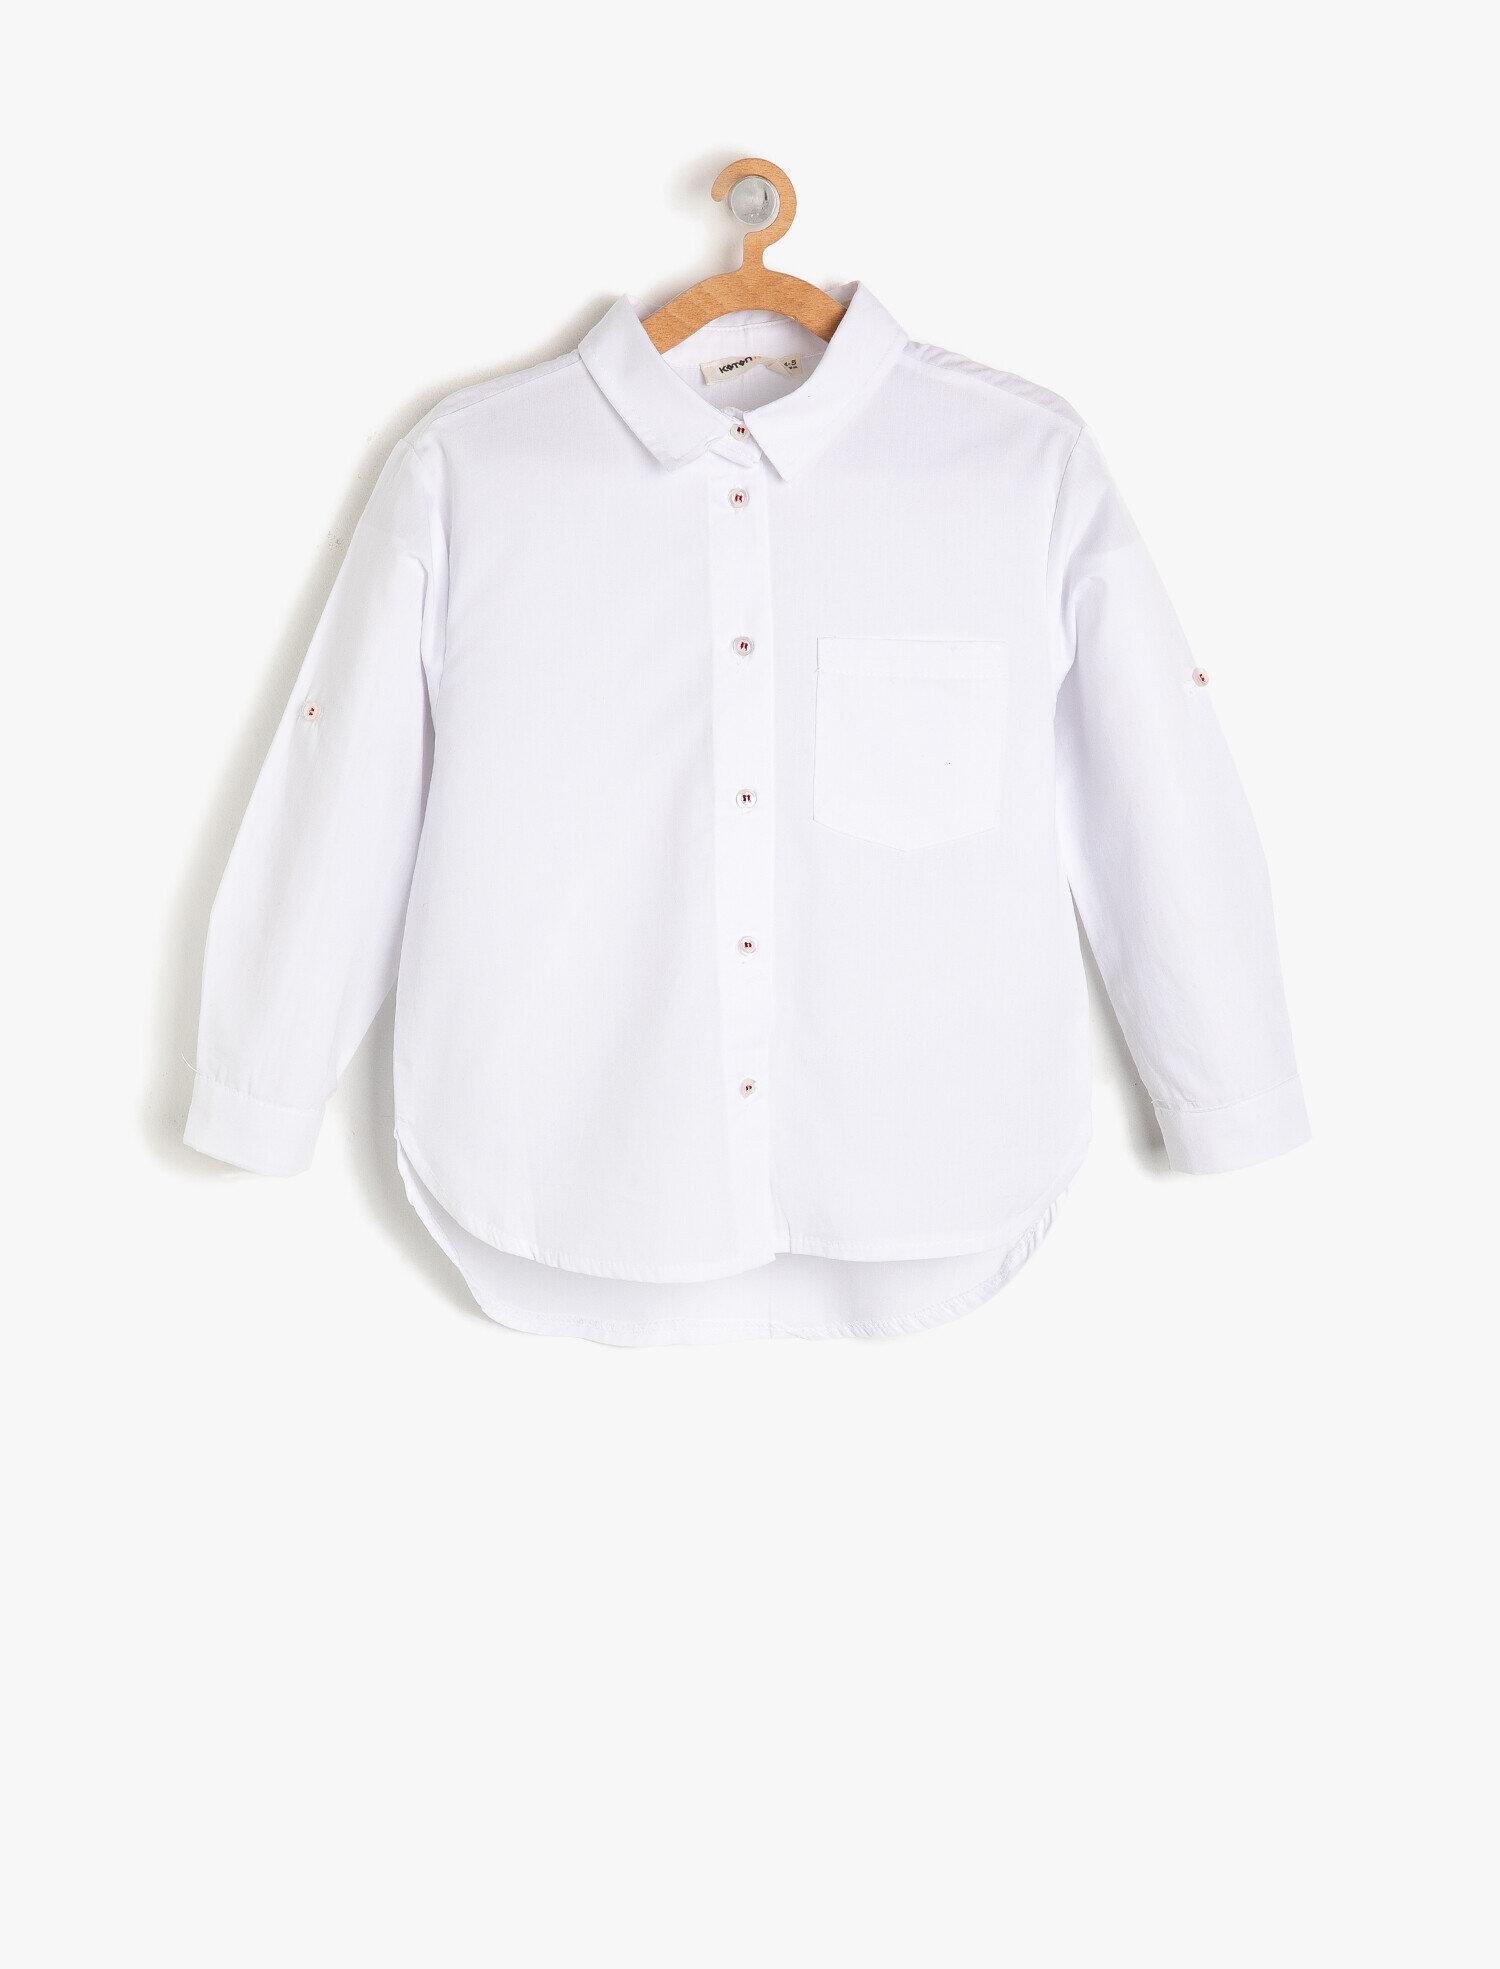 Koton Kız Çocuk Klasik Yaka Gömlek Beyaz Ürün Resmi